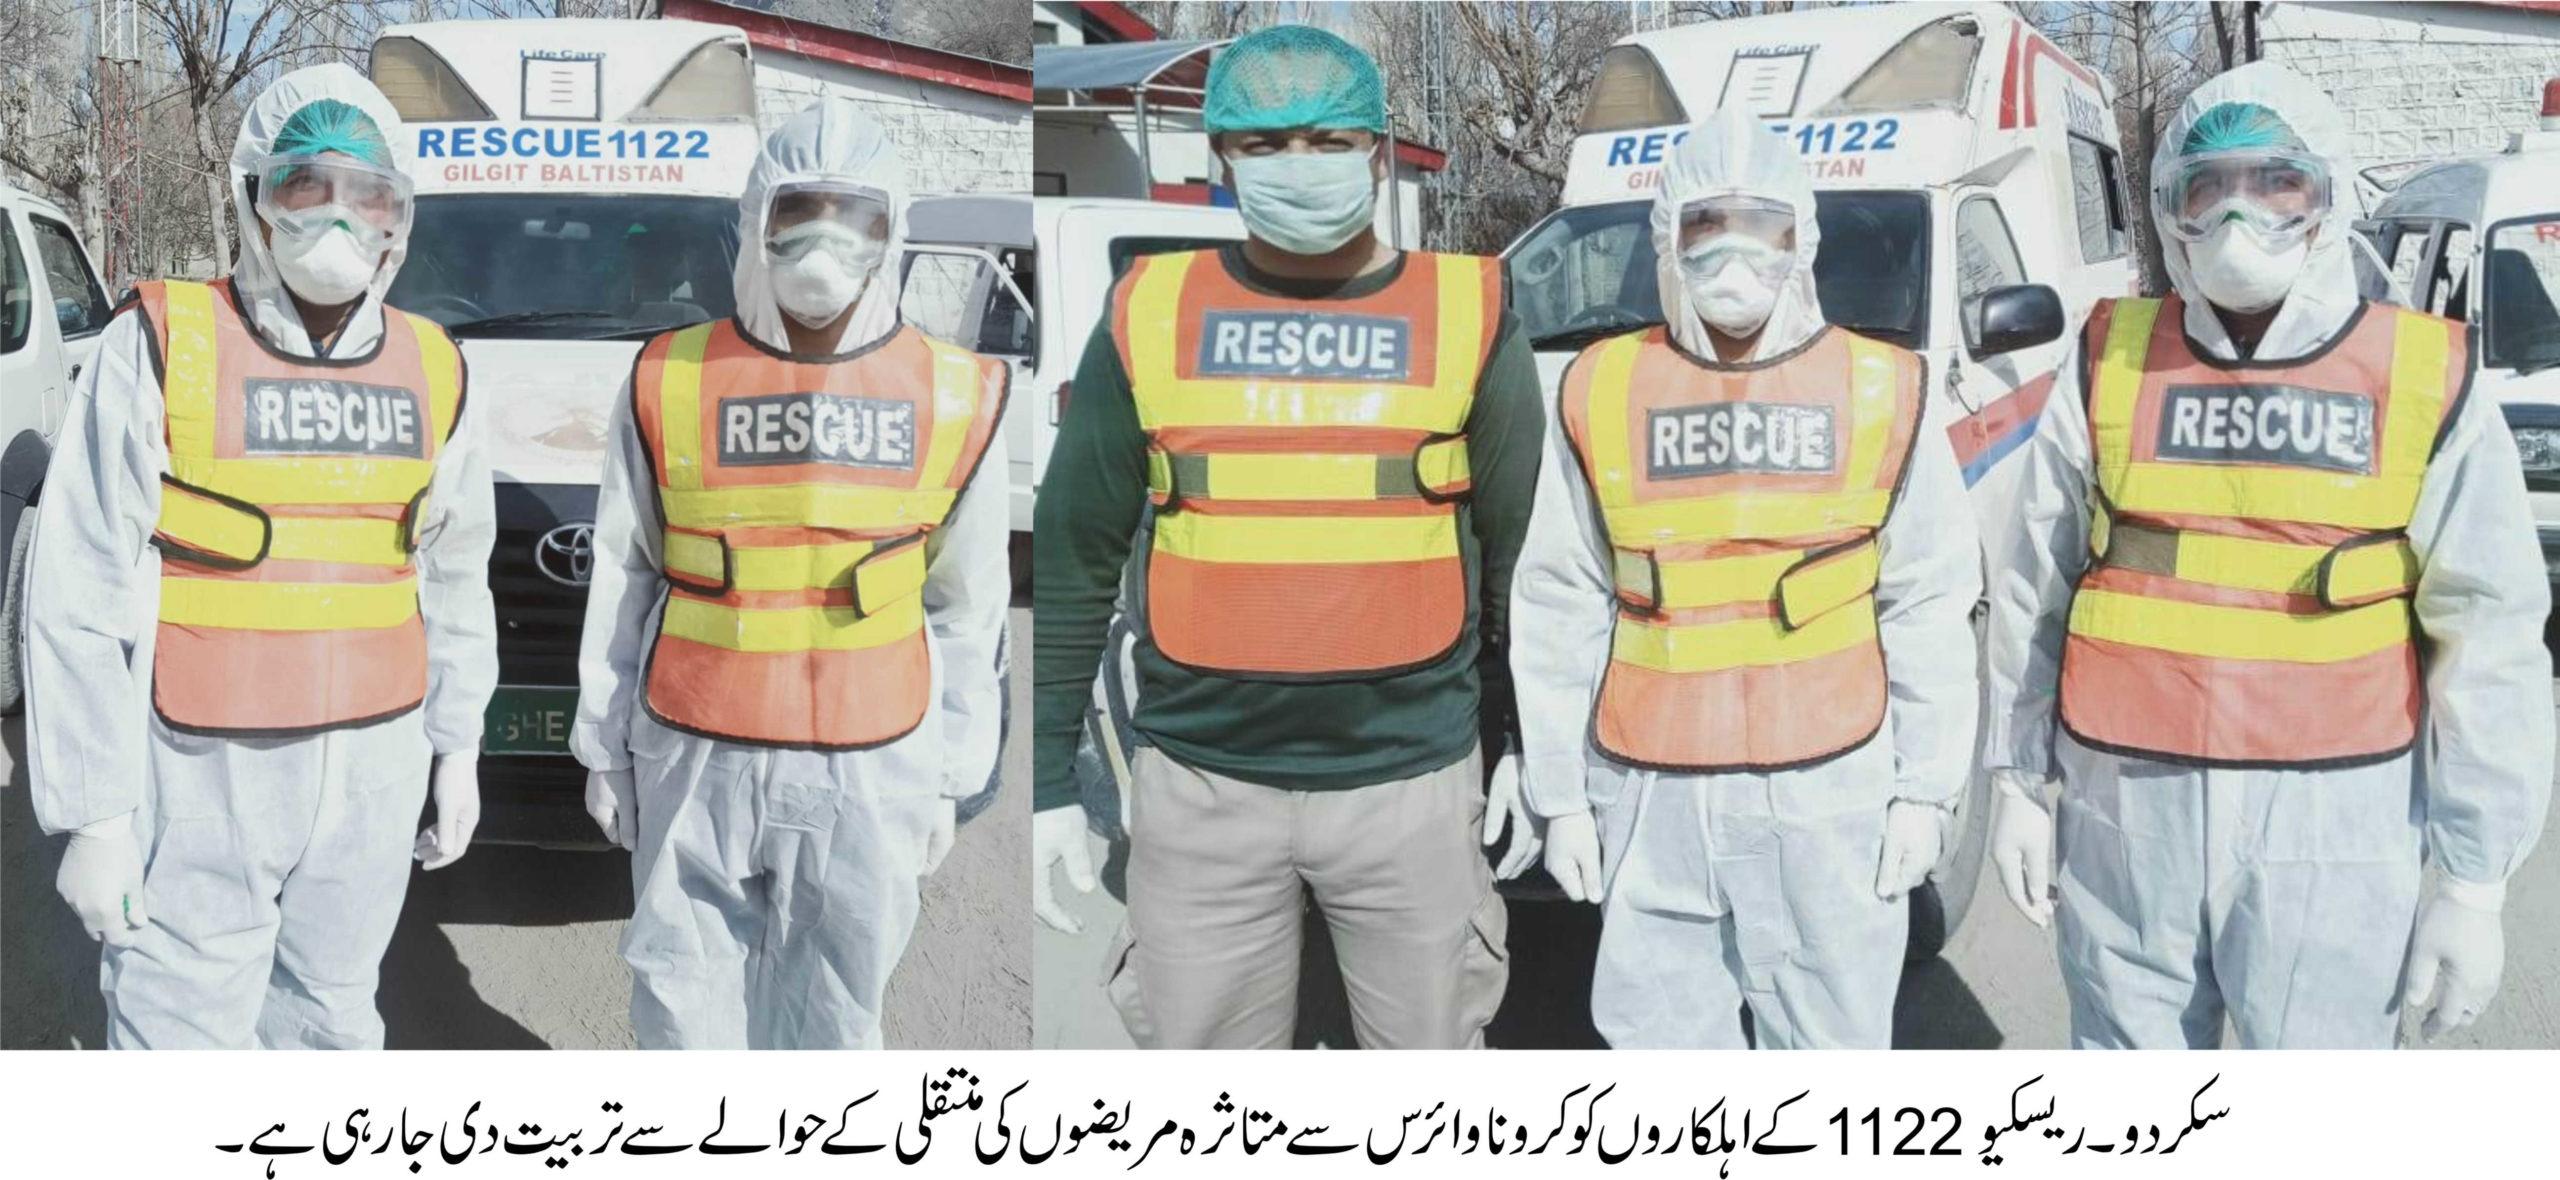 گلگت بلتستان ایمرجنسی سروسز ریسکیو 1122 لاک ڈاون میں بھی امدادی سرگرمیوں میں مصروف